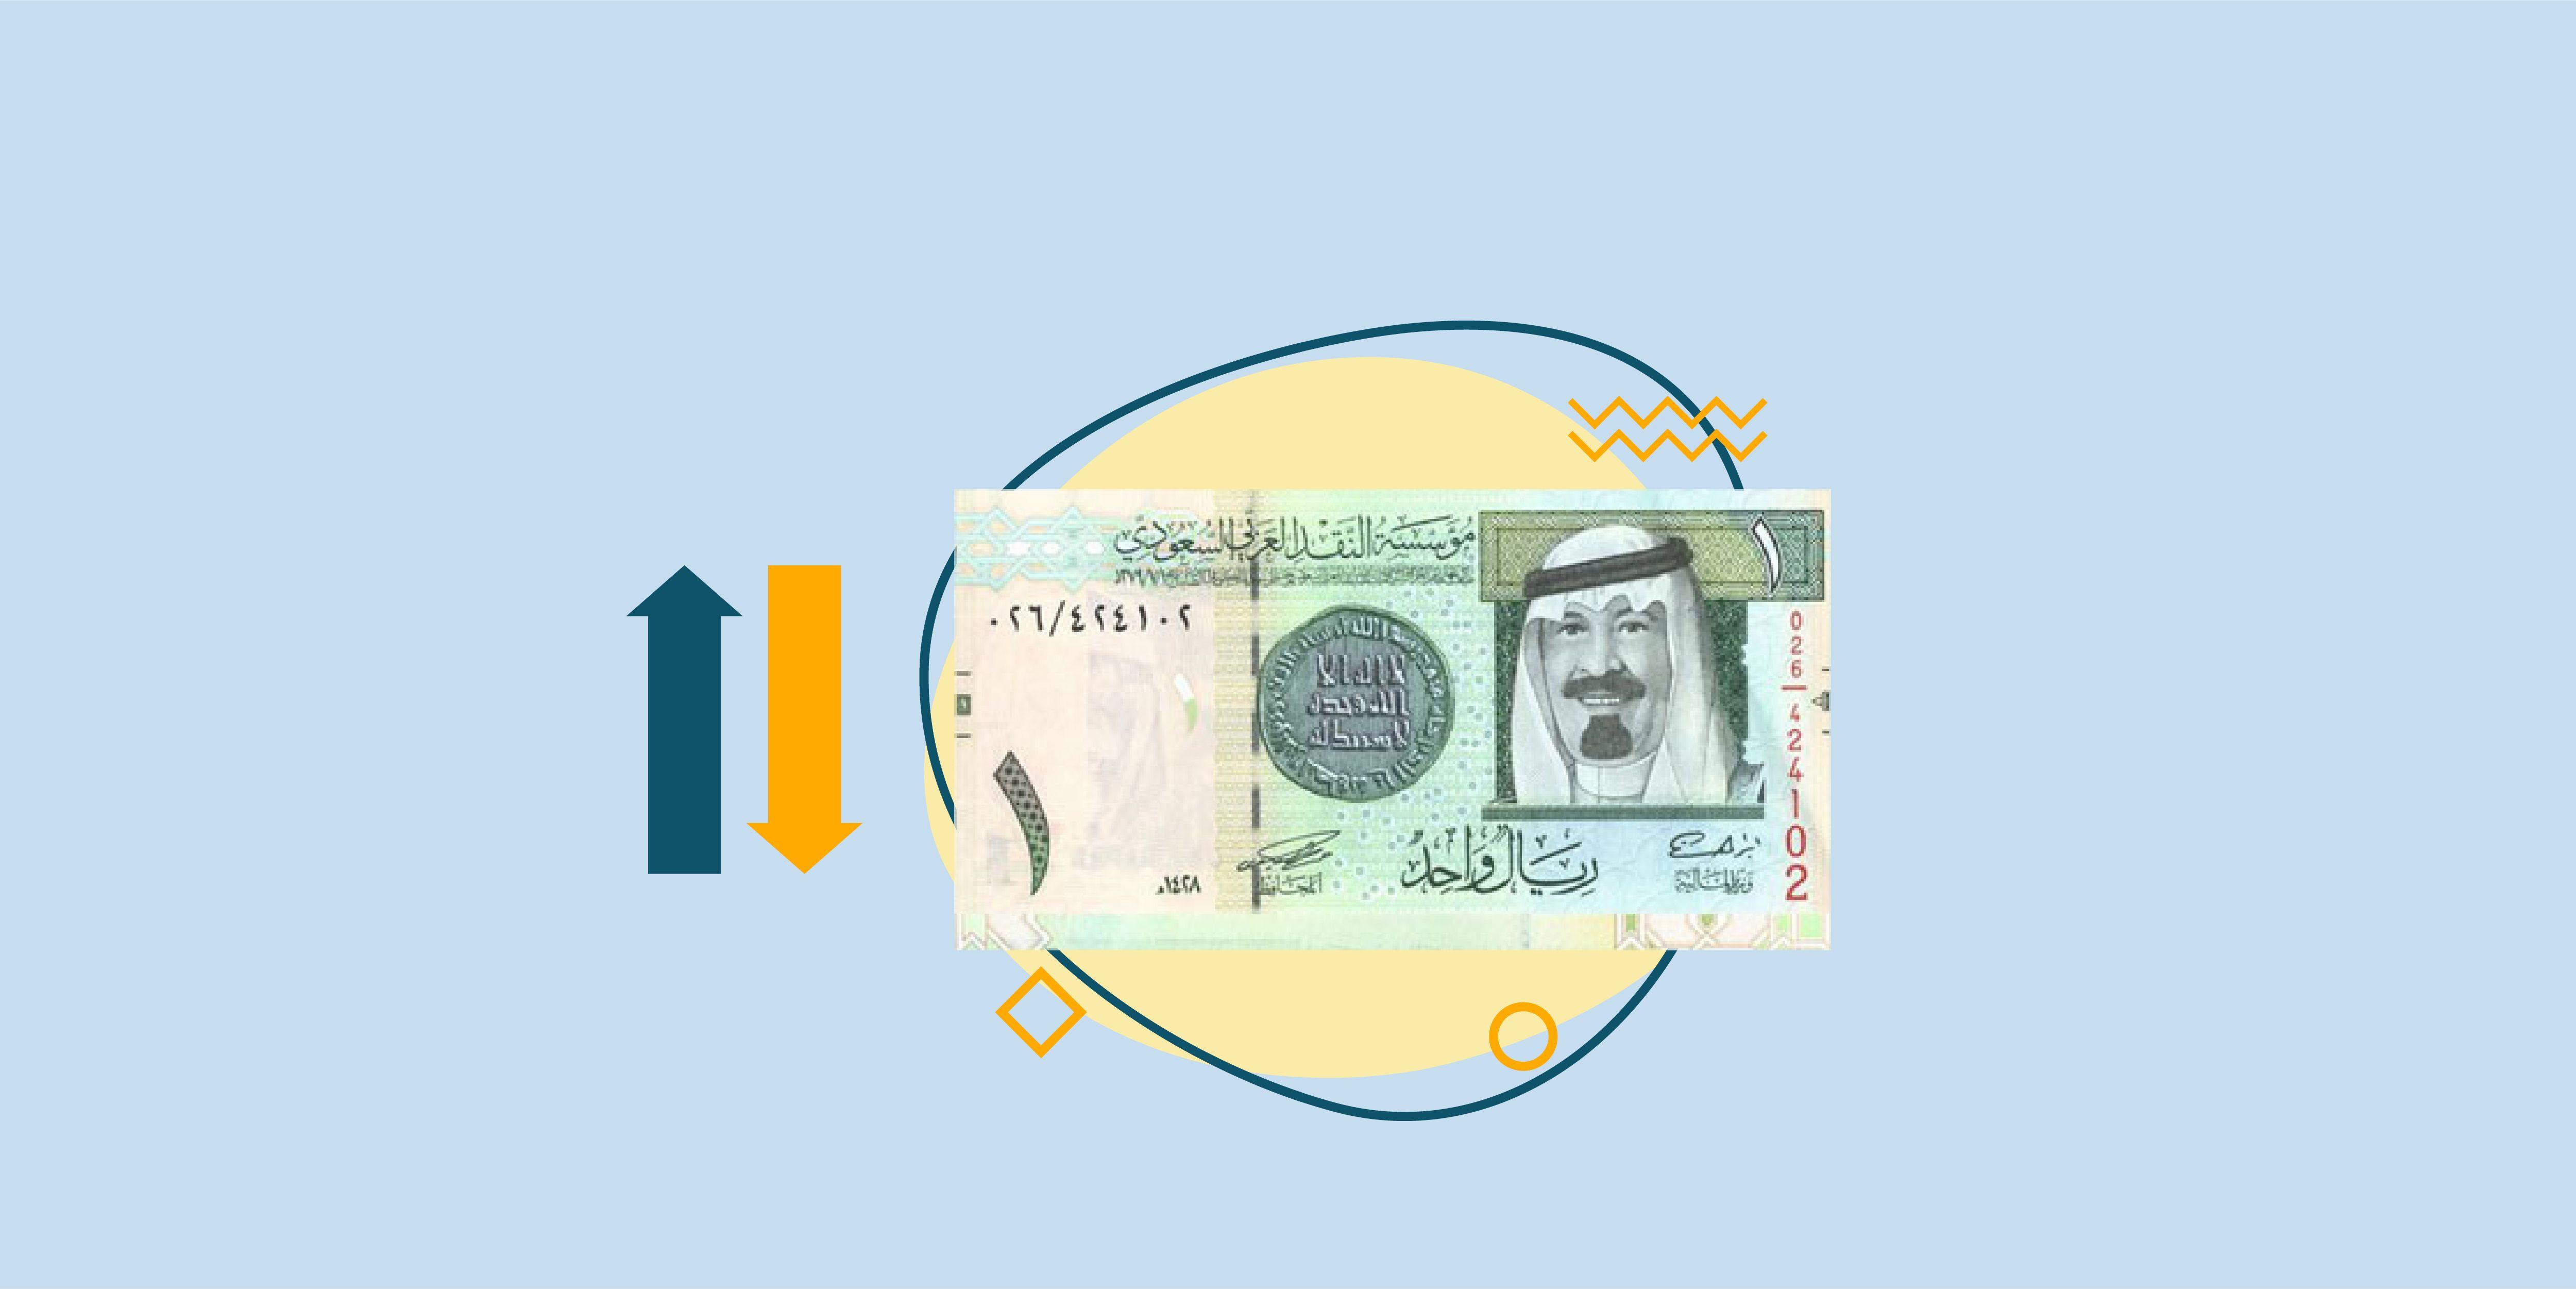 سعر الريال السعودي في البنوك اليوم: الخميس 16 سبتمبر 2021